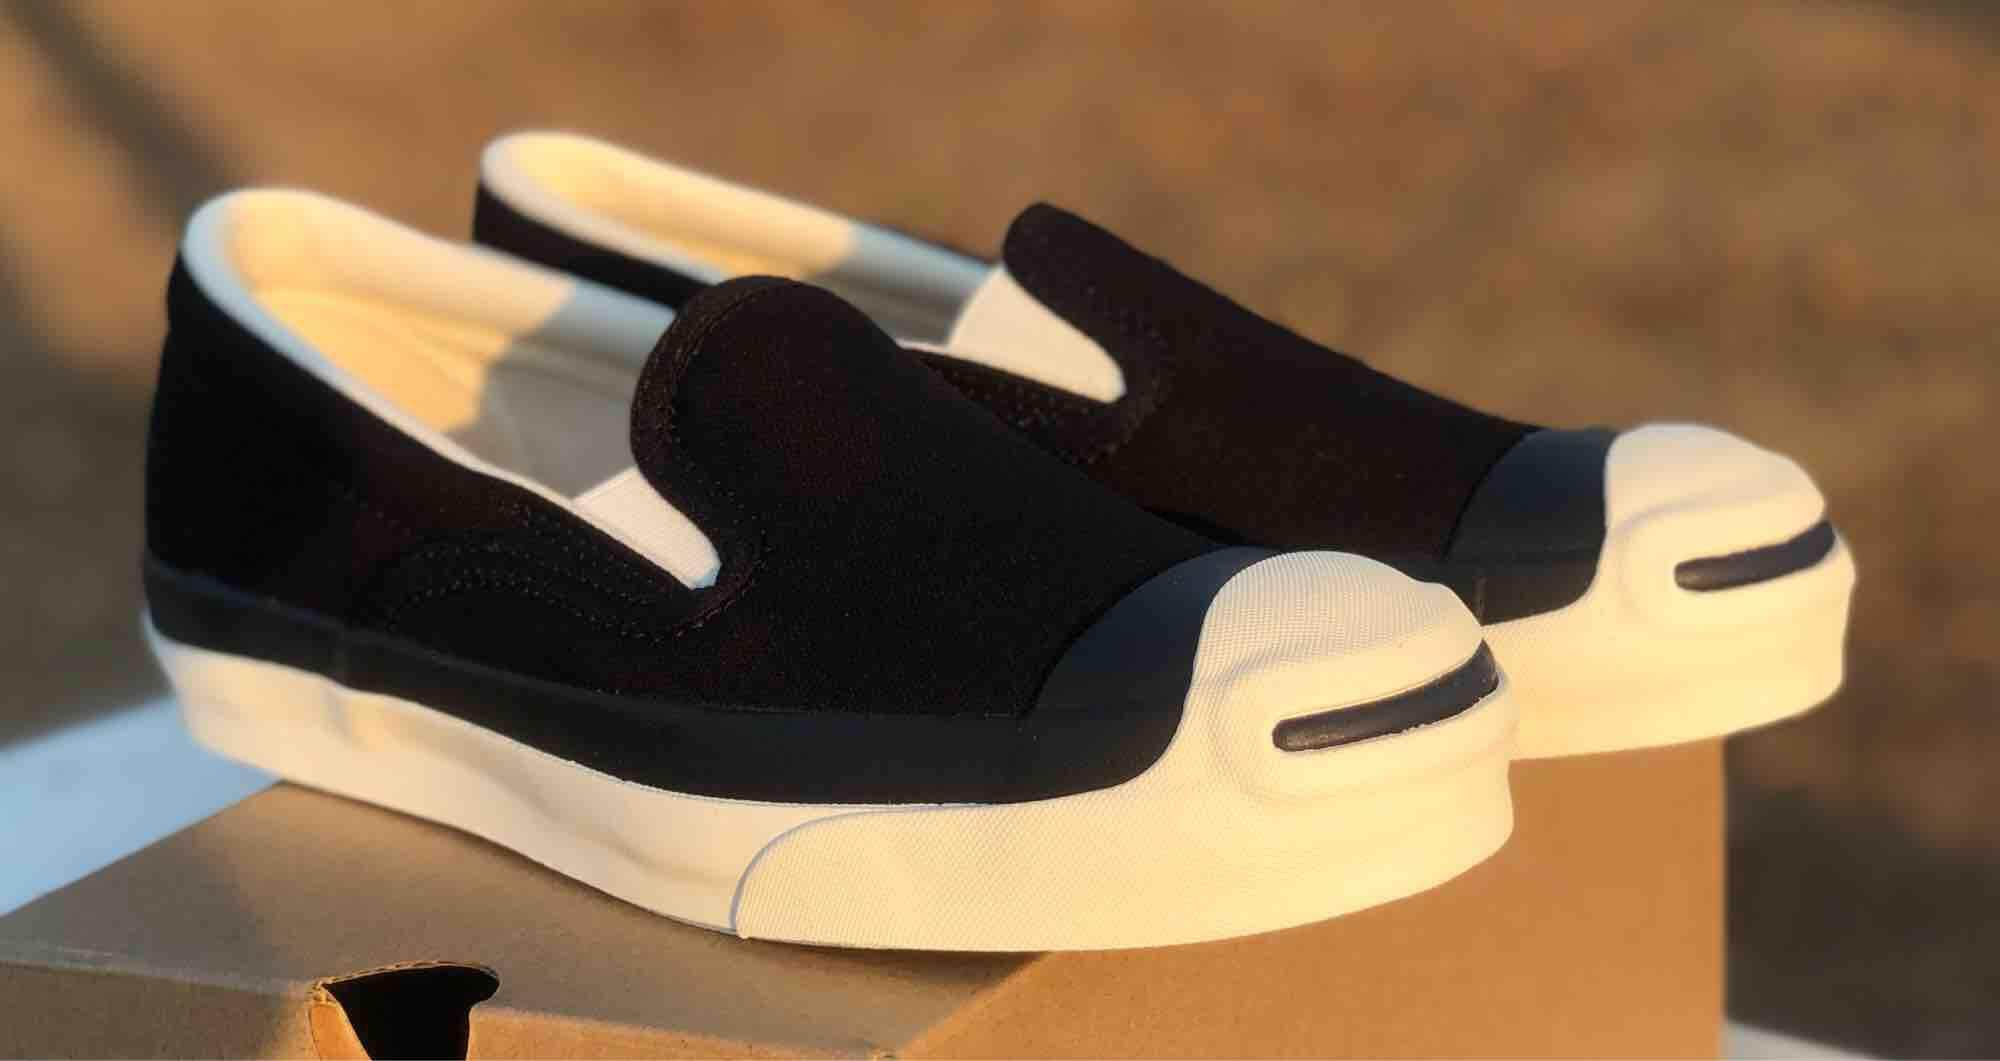 การใช้งาน  หนองคาย JACK PURCELL RET SLIP-ON งานญี่ปุ่นแท้ %  CHUCKTAYLOR  converseแท้japan  คอนเวิร์สแท้ญี่ปุ่น  คอนเวิร์สแจ๊คเพอร์เซลล์  convesrejackpurcell  ญี่ปุ่นแท้  ซื้อขาย  vintage  รองเท้าแฟชั่น    รองเท้า  allstar  slipon  chevronstar  นำเข้าญี่ปุ่น